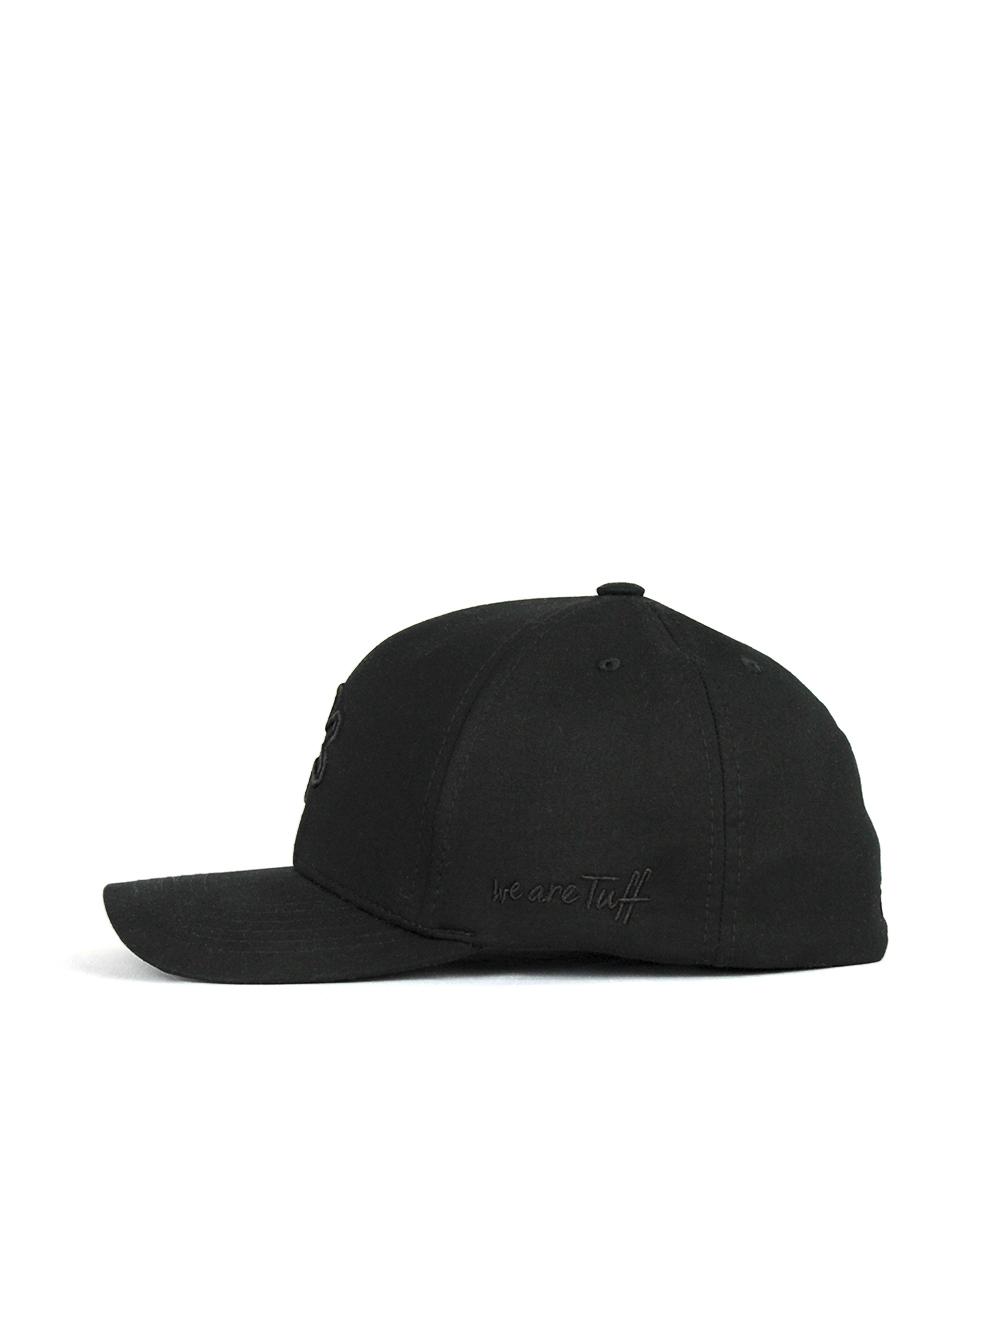 Bone TUFF All Black SMARTFLEX - Preto Logo Preto